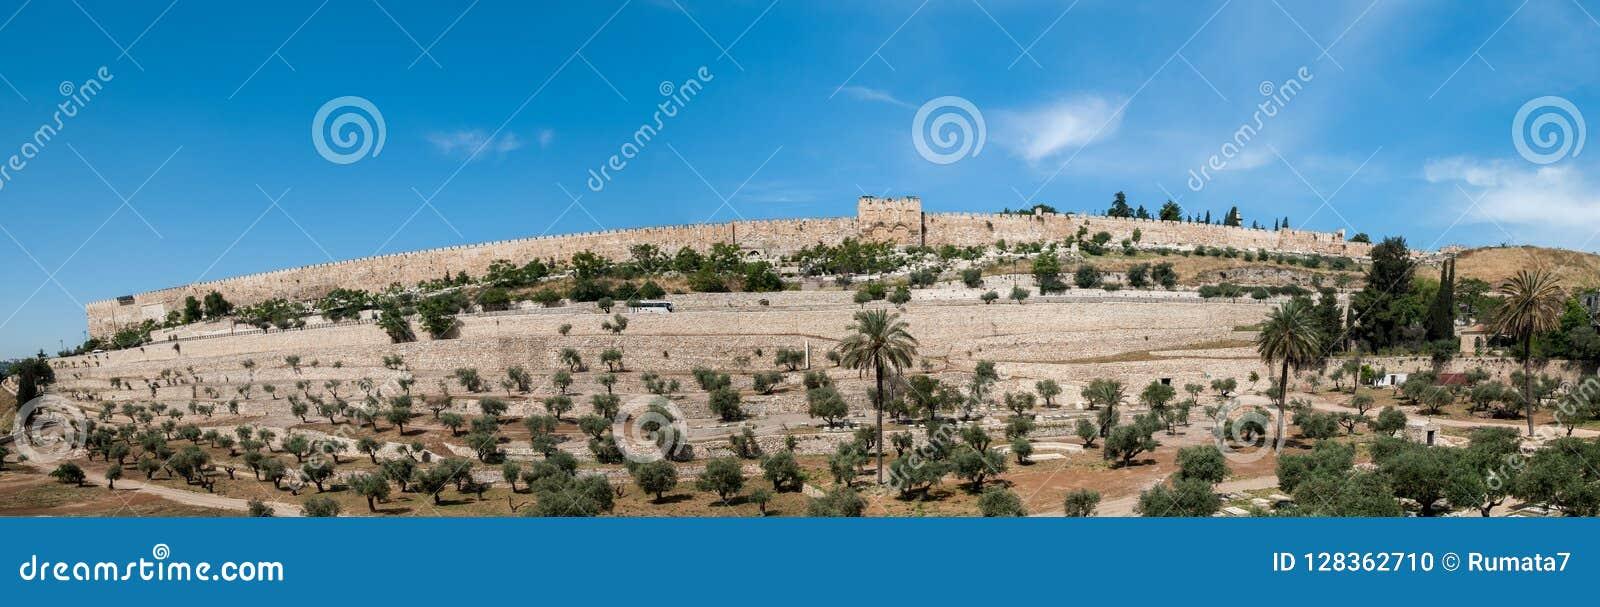 Panoramiczny widok Jerozolimskie ściany